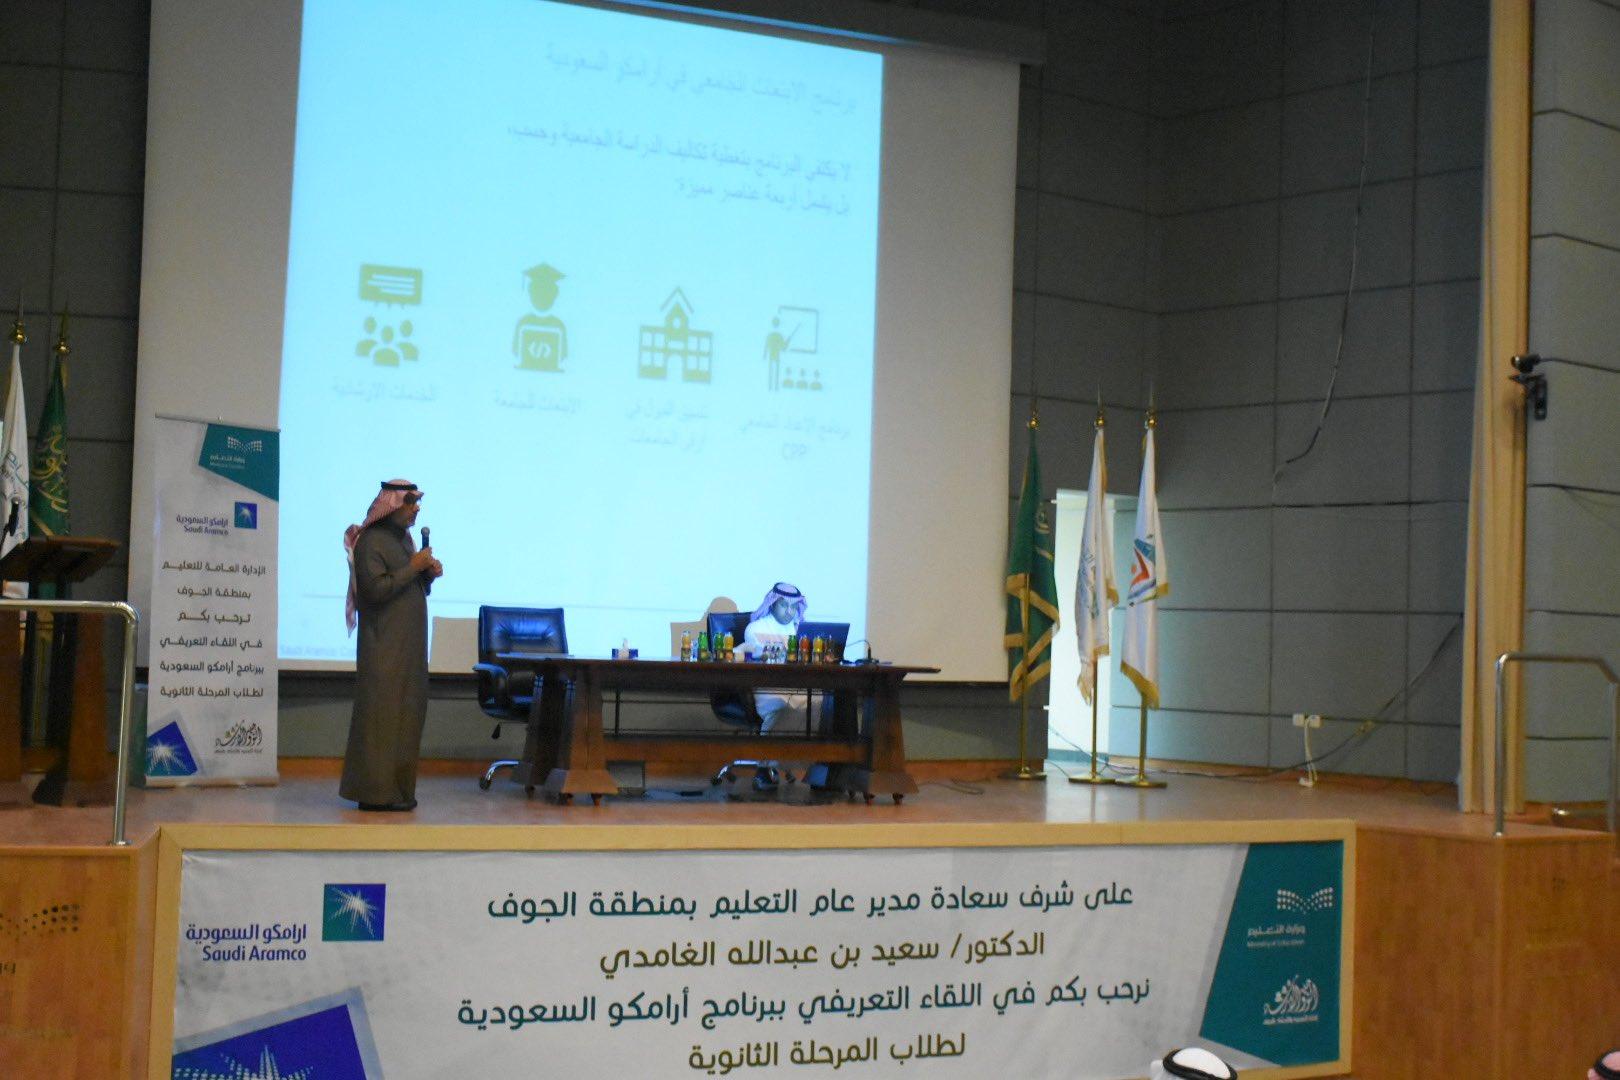 أرامكو السعودية تقدم نبذه تعريفية لطلاب وطالبات الجوف عن برنامجي الابتعاث والتدرج المنتهية بالتوظيف